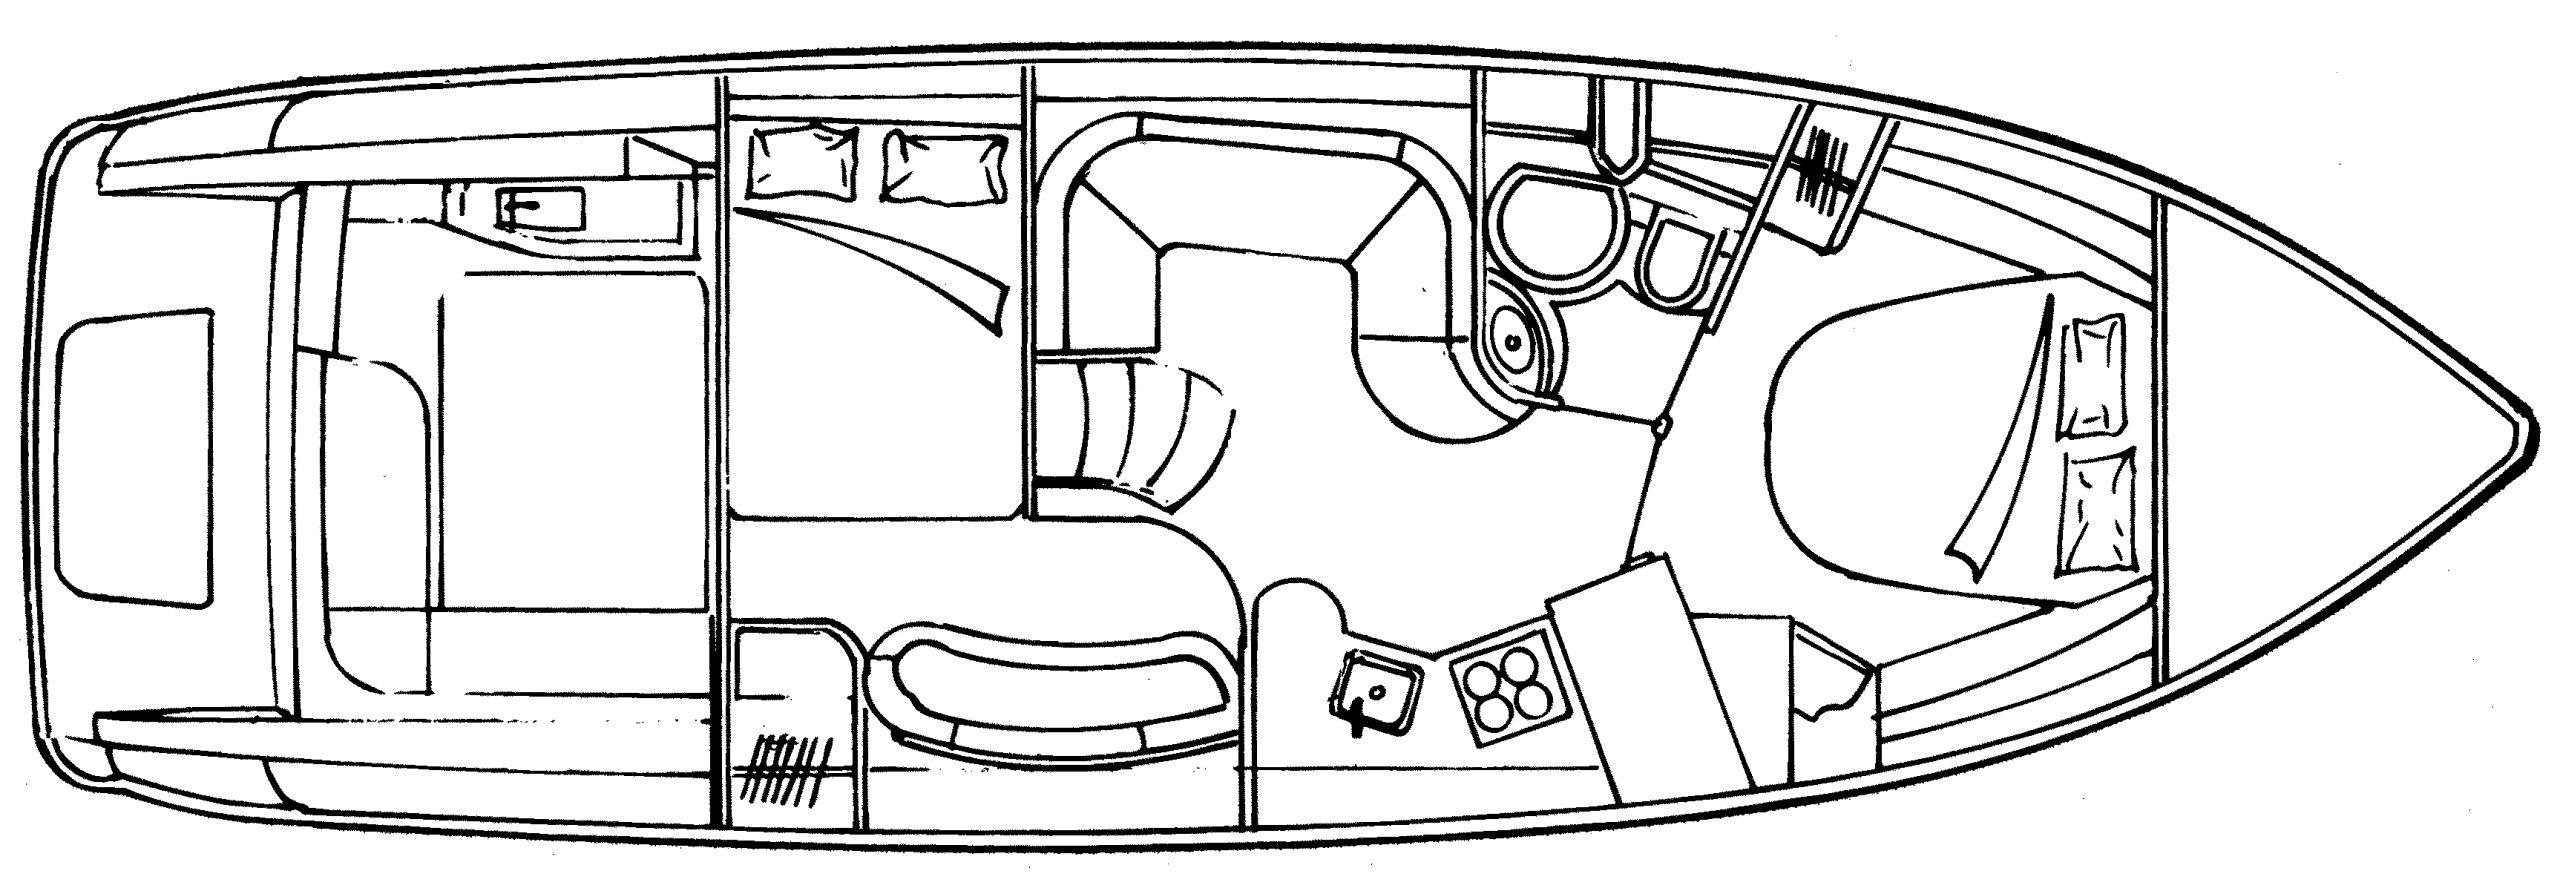 4085 Avanti Sunbridge Floor Plan 1